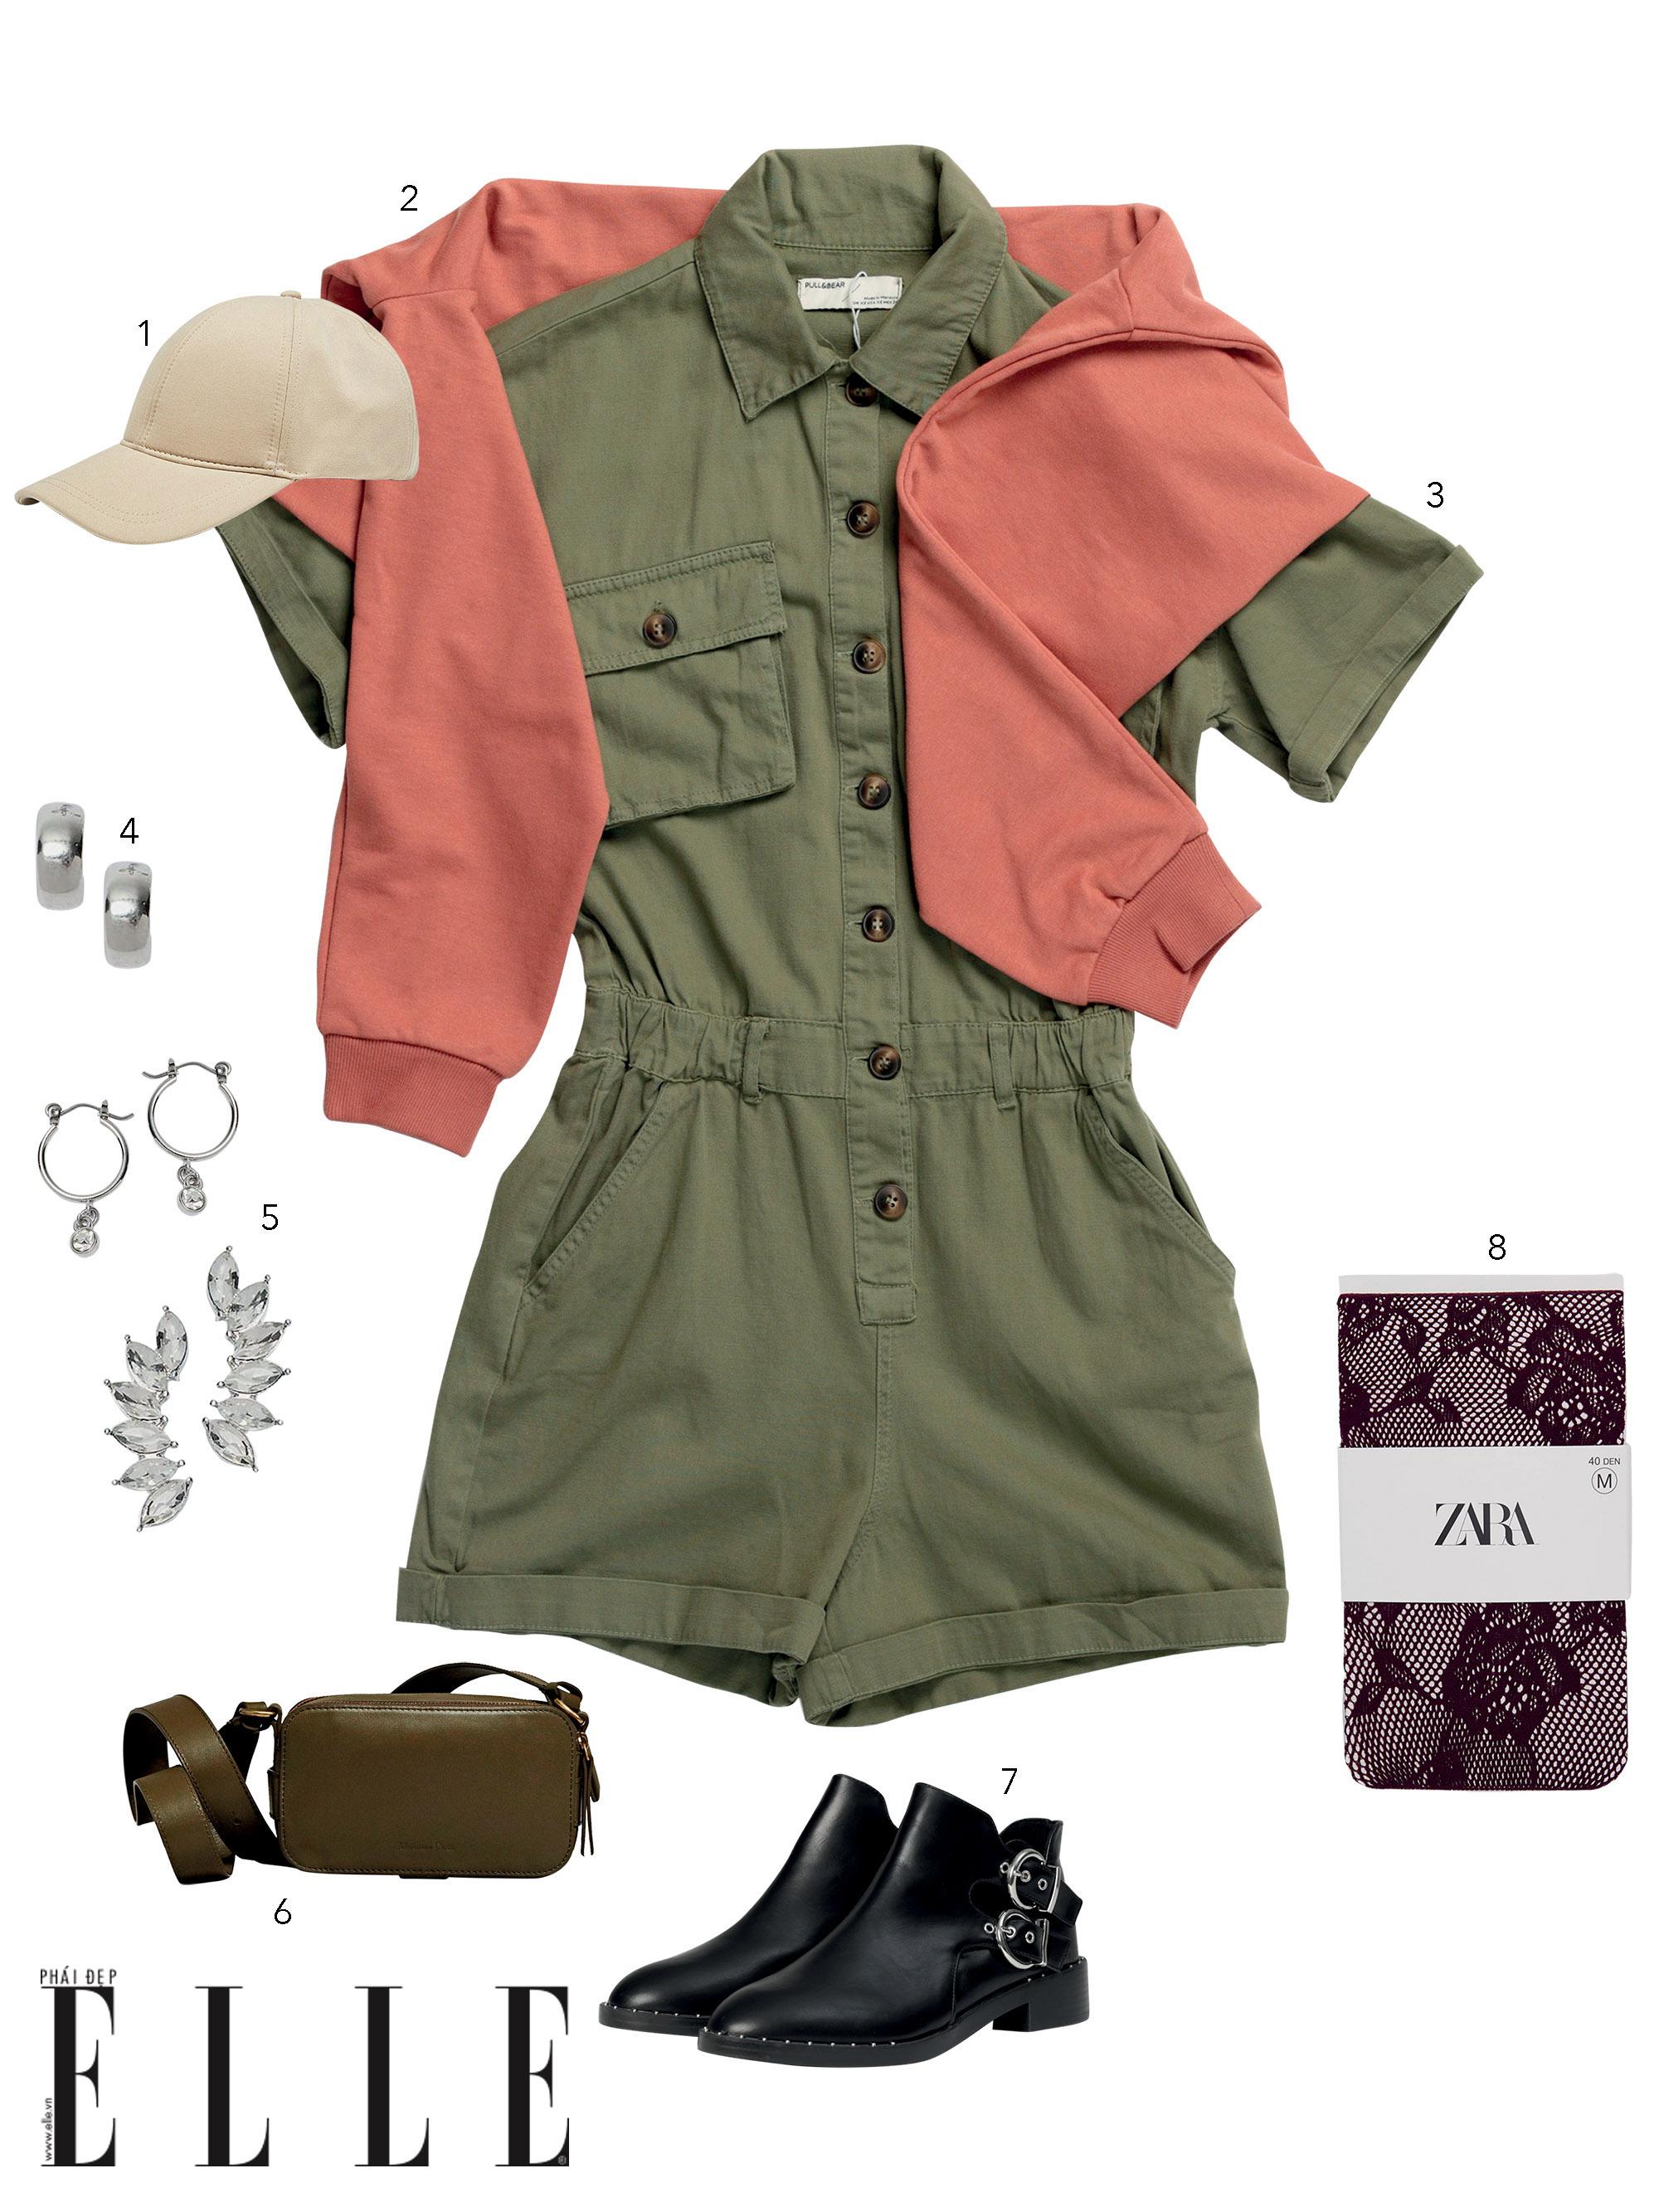 phong cách preppy với jumpsuit màu xanh rêu và áo khoác hồng